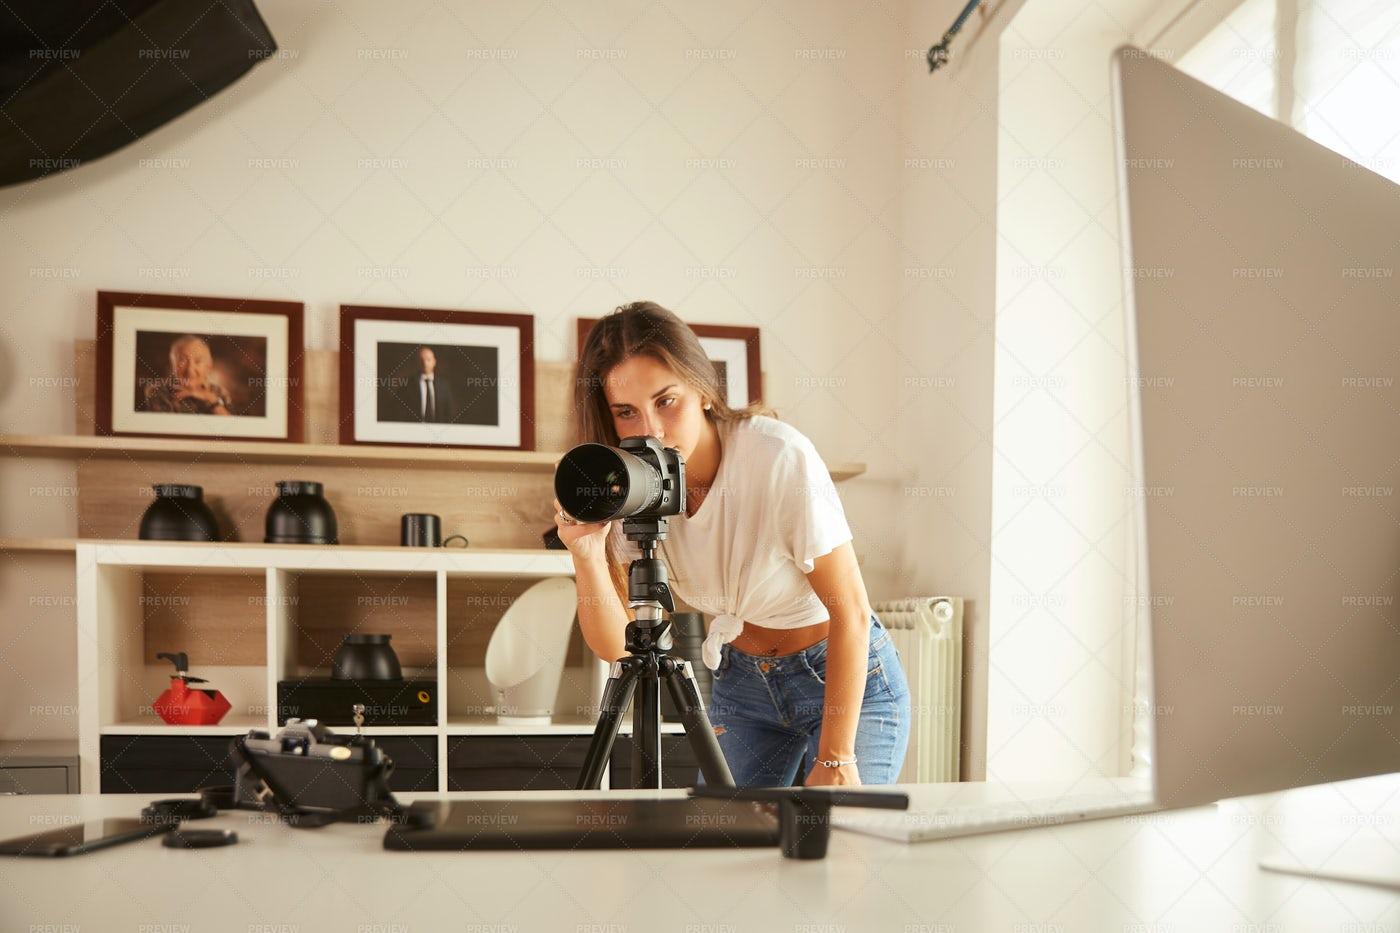 Photographic Studio: Stock Photos